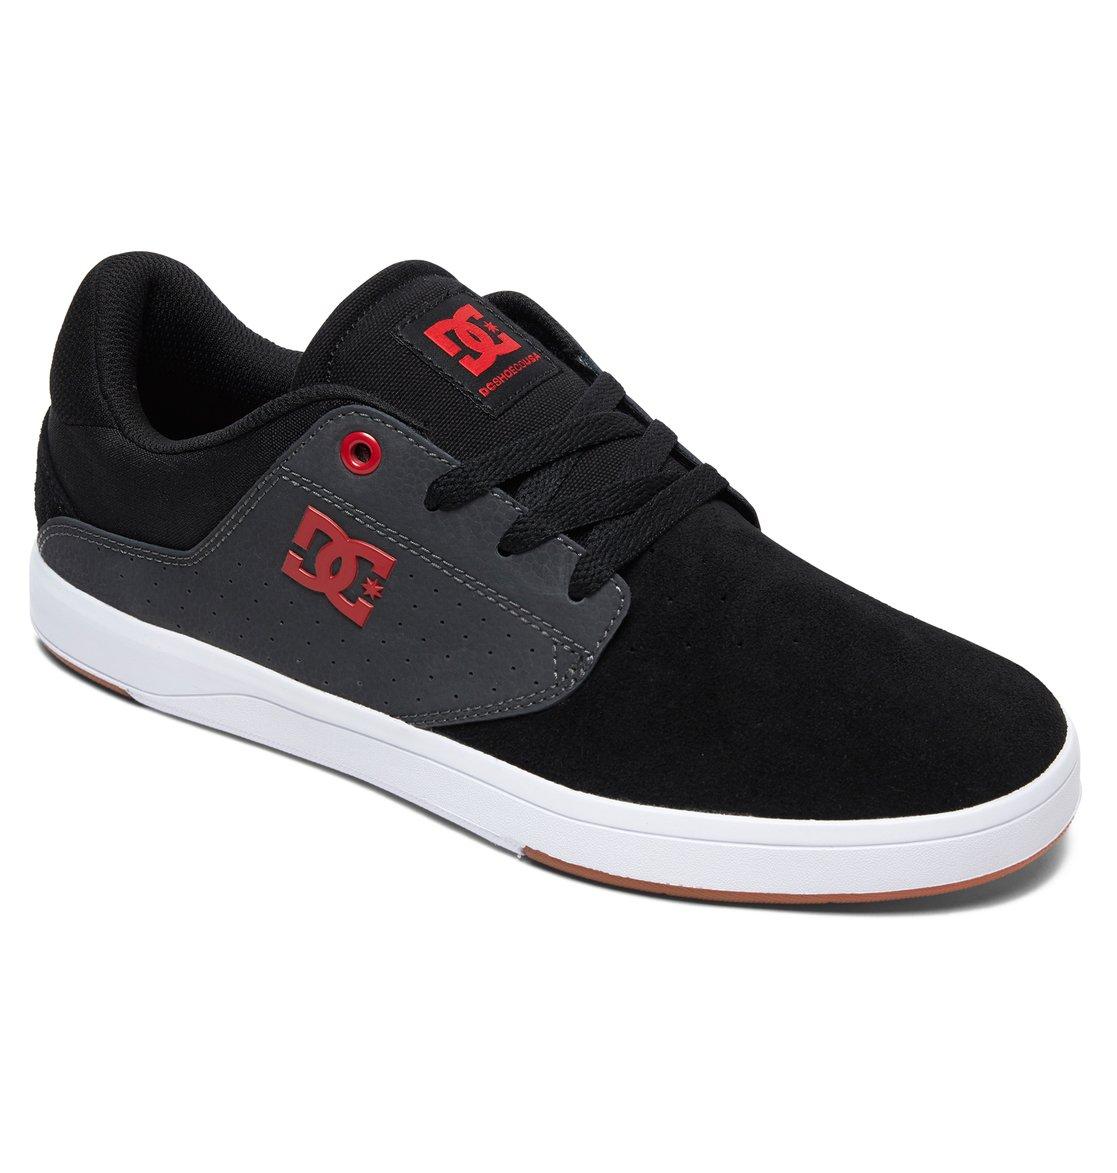 a6d04465bc5 1 Plaza S Skate Shoes Black ADYS100319 DC Shoes